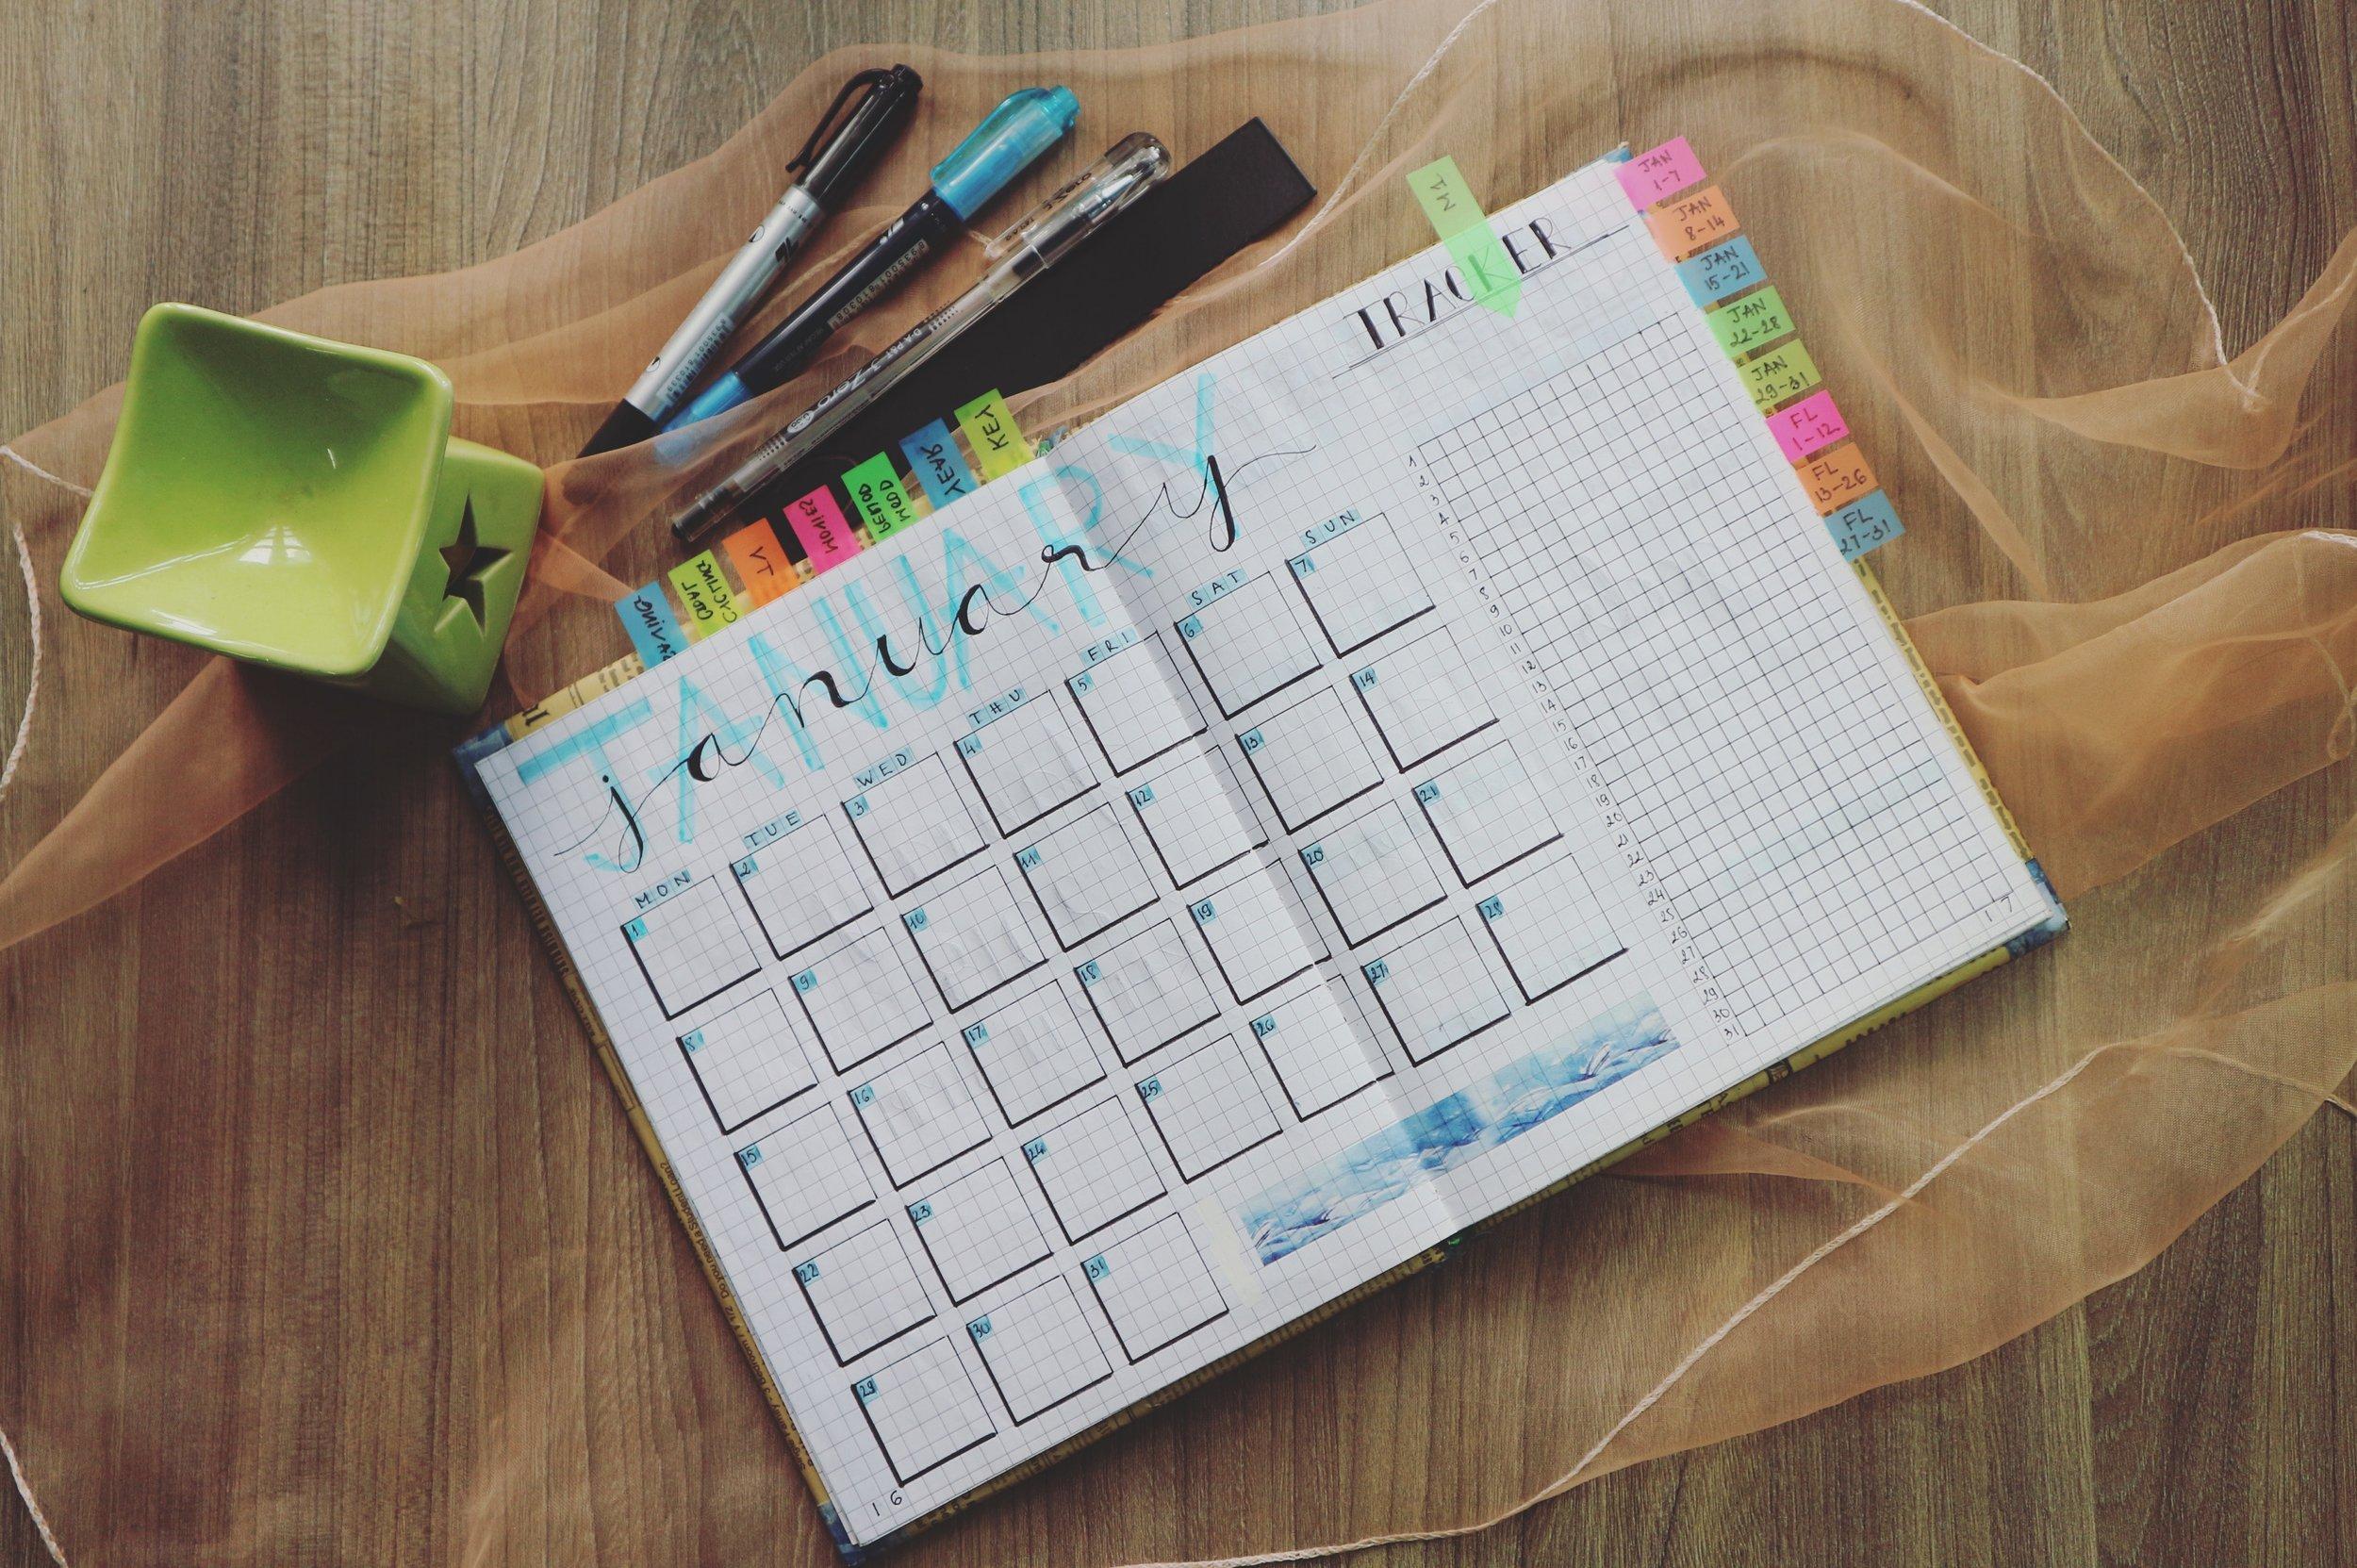 composition-materials-notebook-760710.jpg